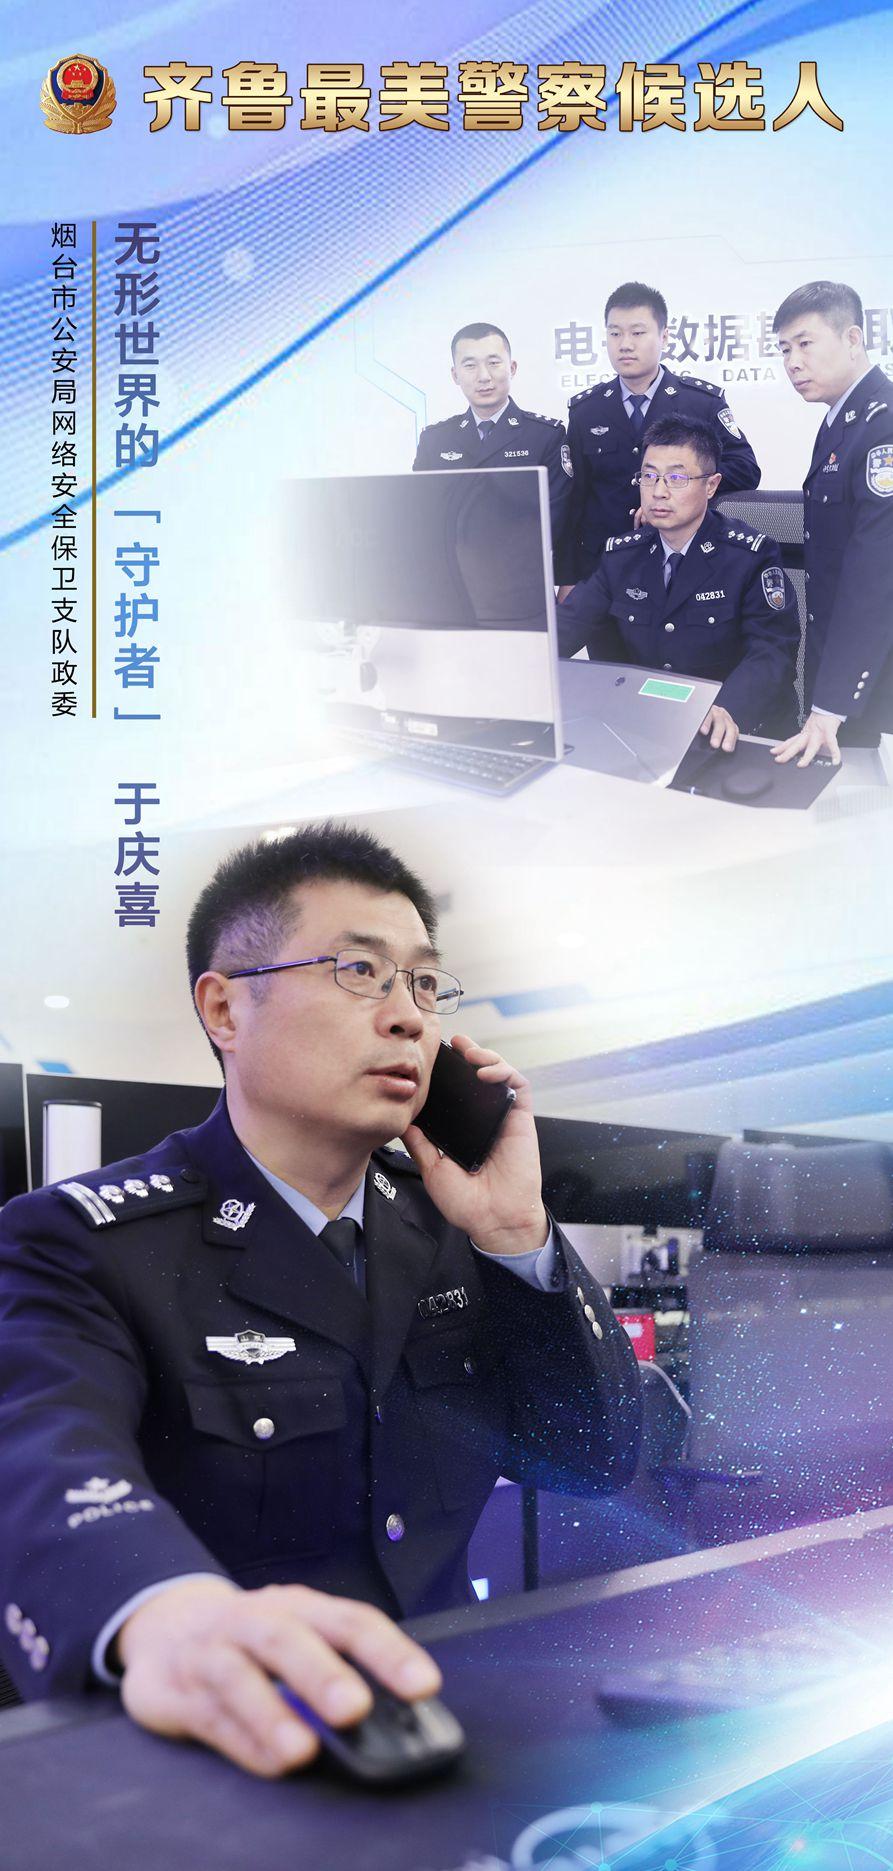 """""""齐鲁最美警察""""候选人于庆喜:无形世界的守护者"""